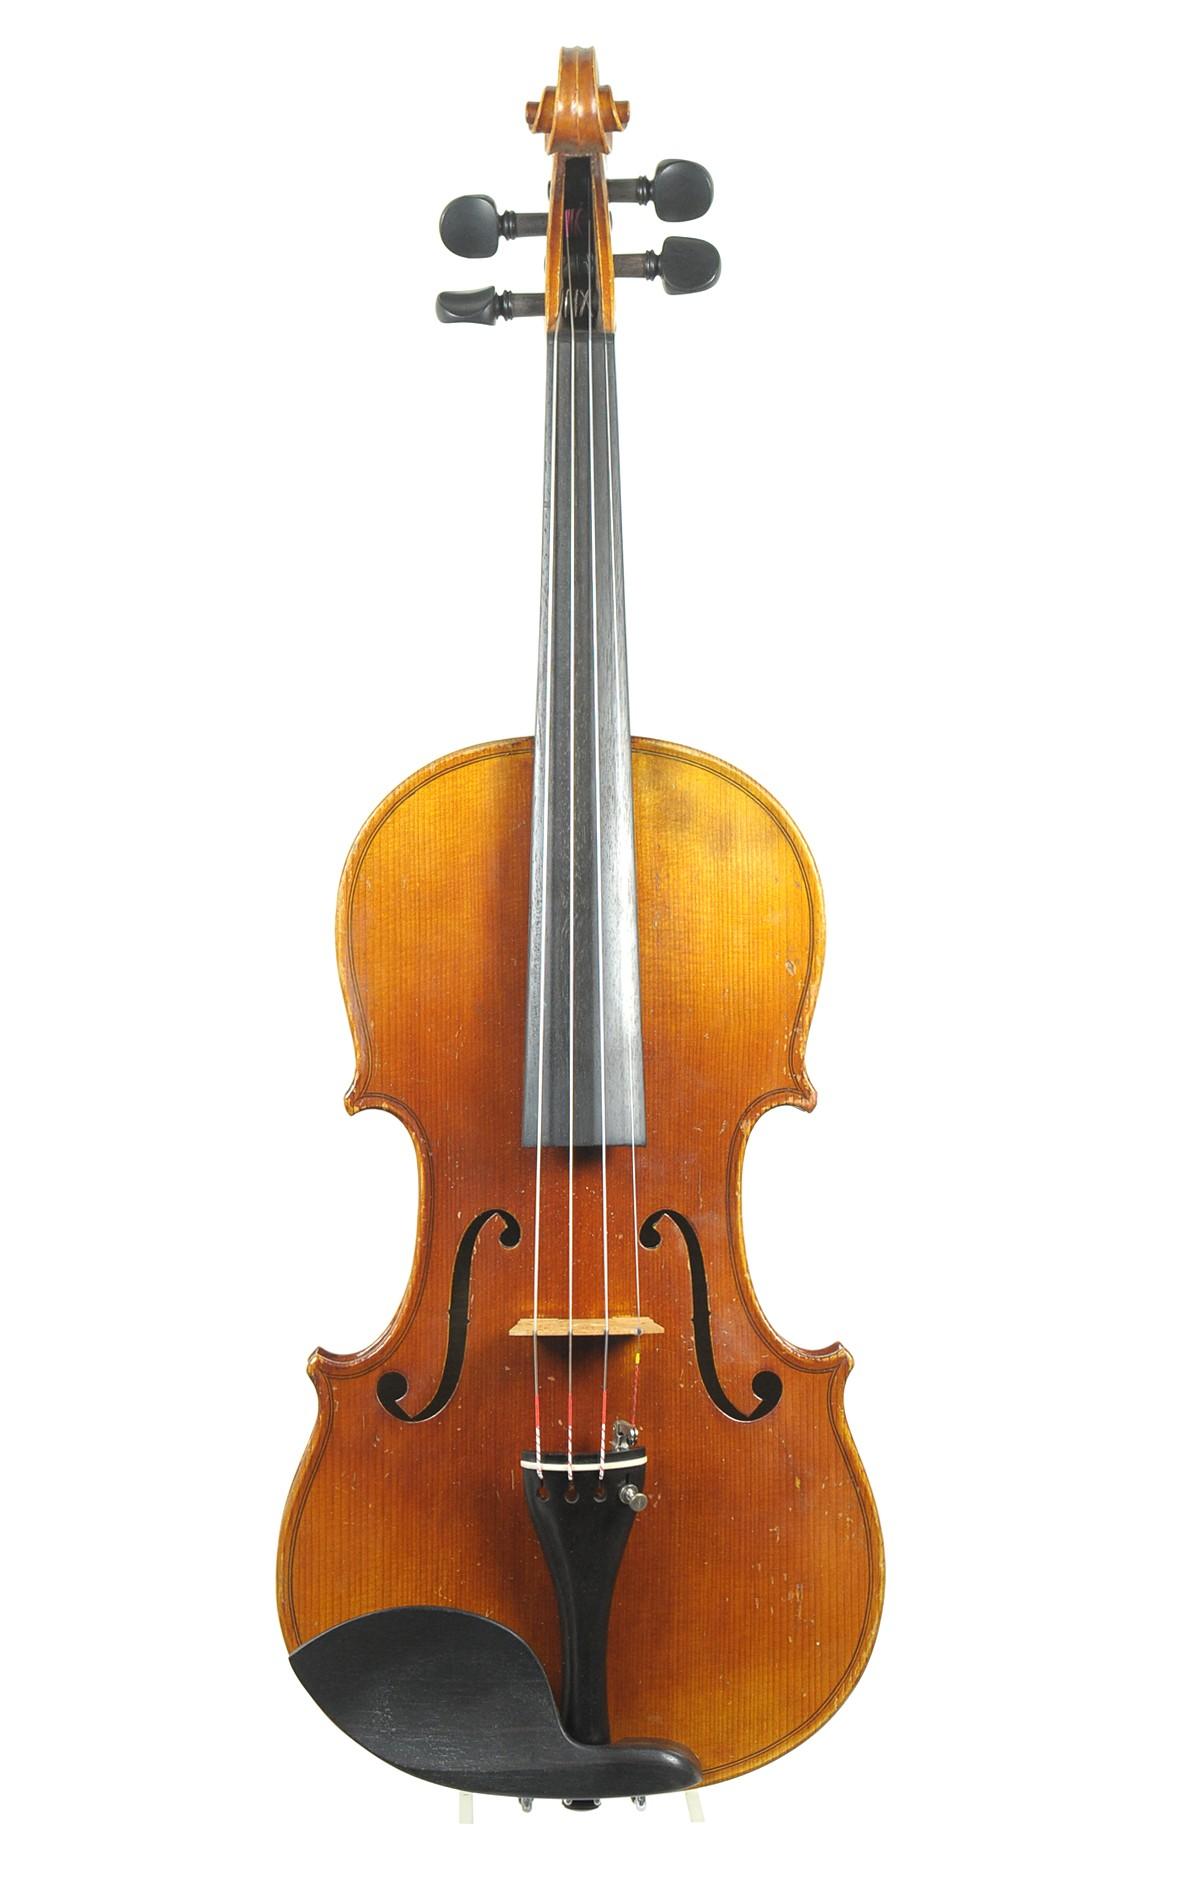 Mittenwald violin, sold by Eugen Gärtner Stuttgart - spruce top